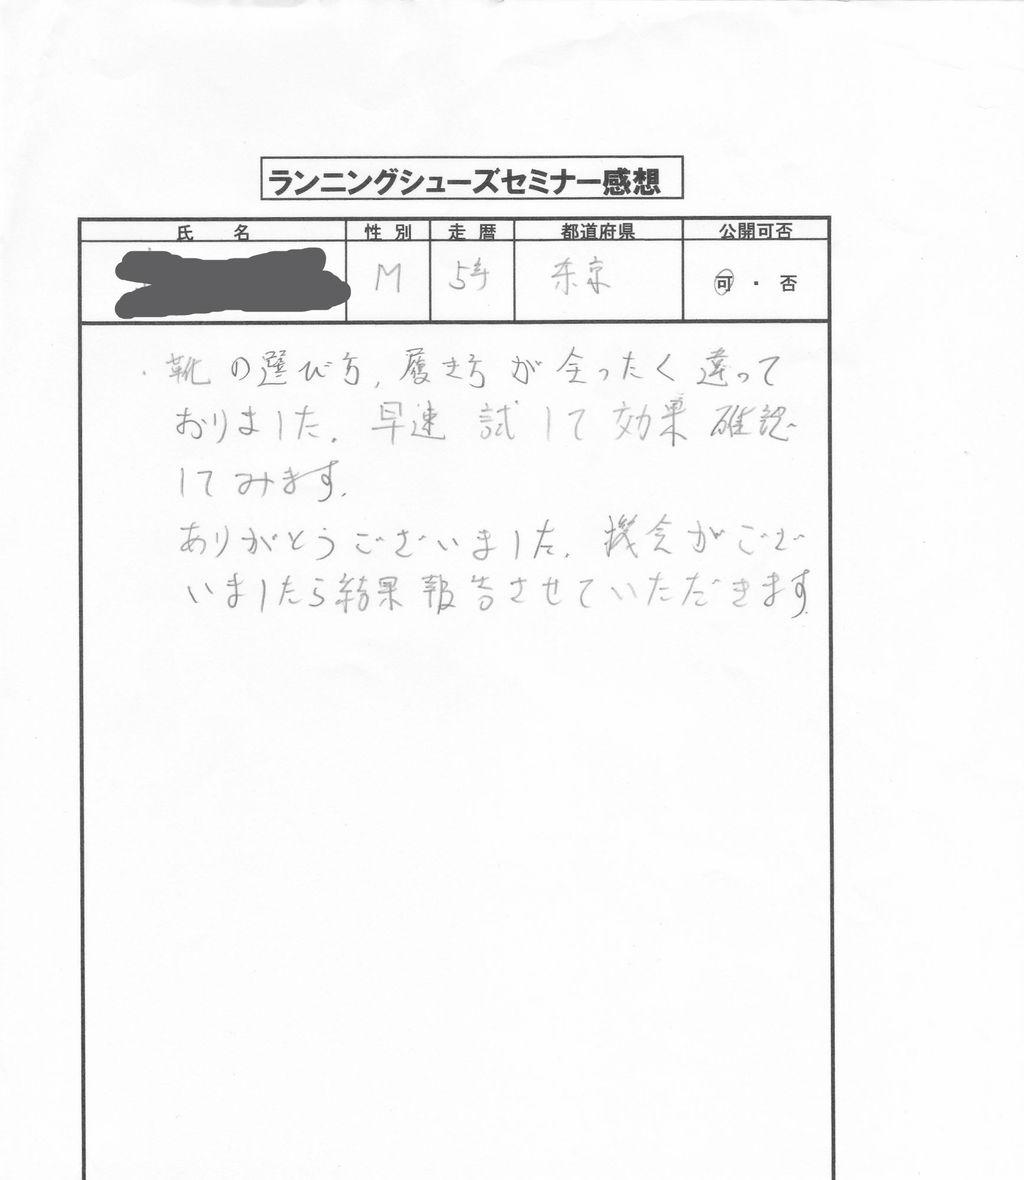 2012年6月東京・静岡セミナー感想_0007_copy